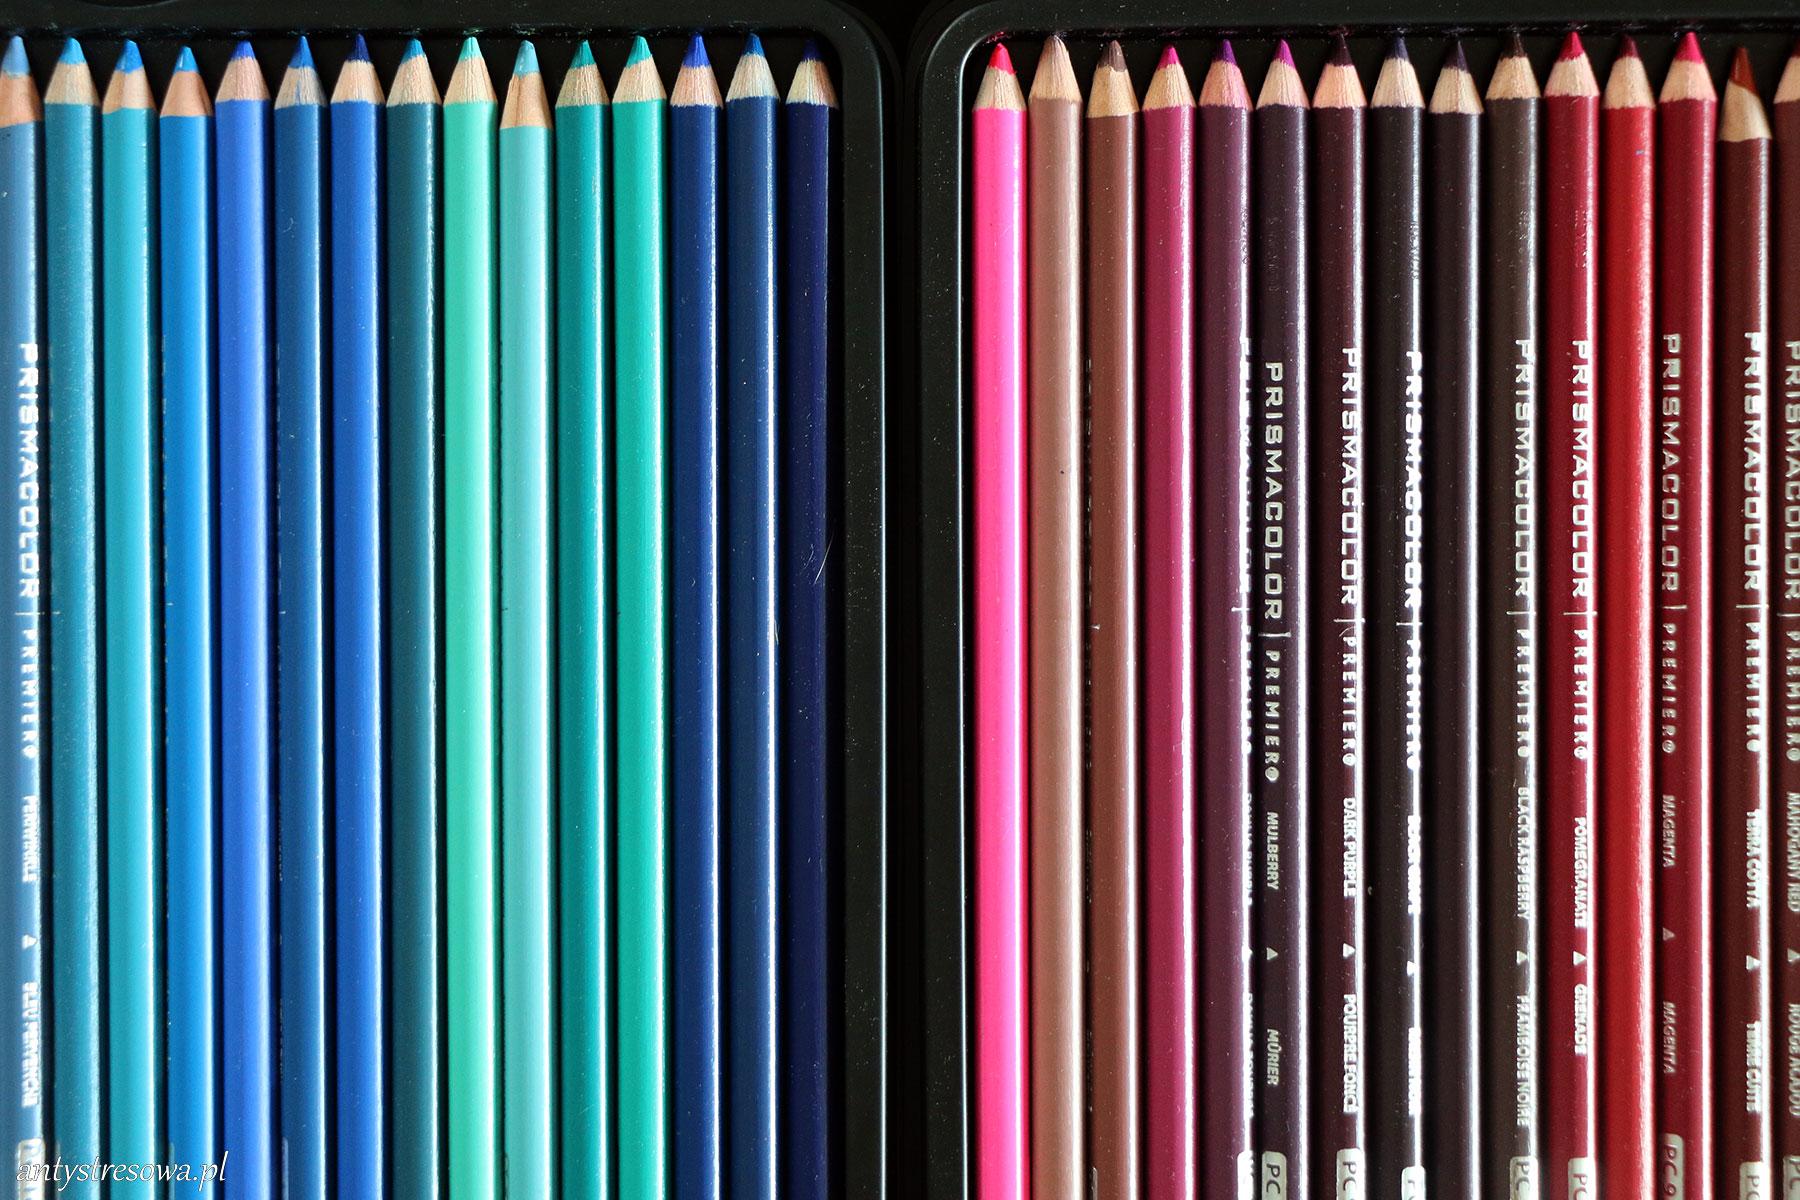 Kredki różowe i niebieskie Prismacolor